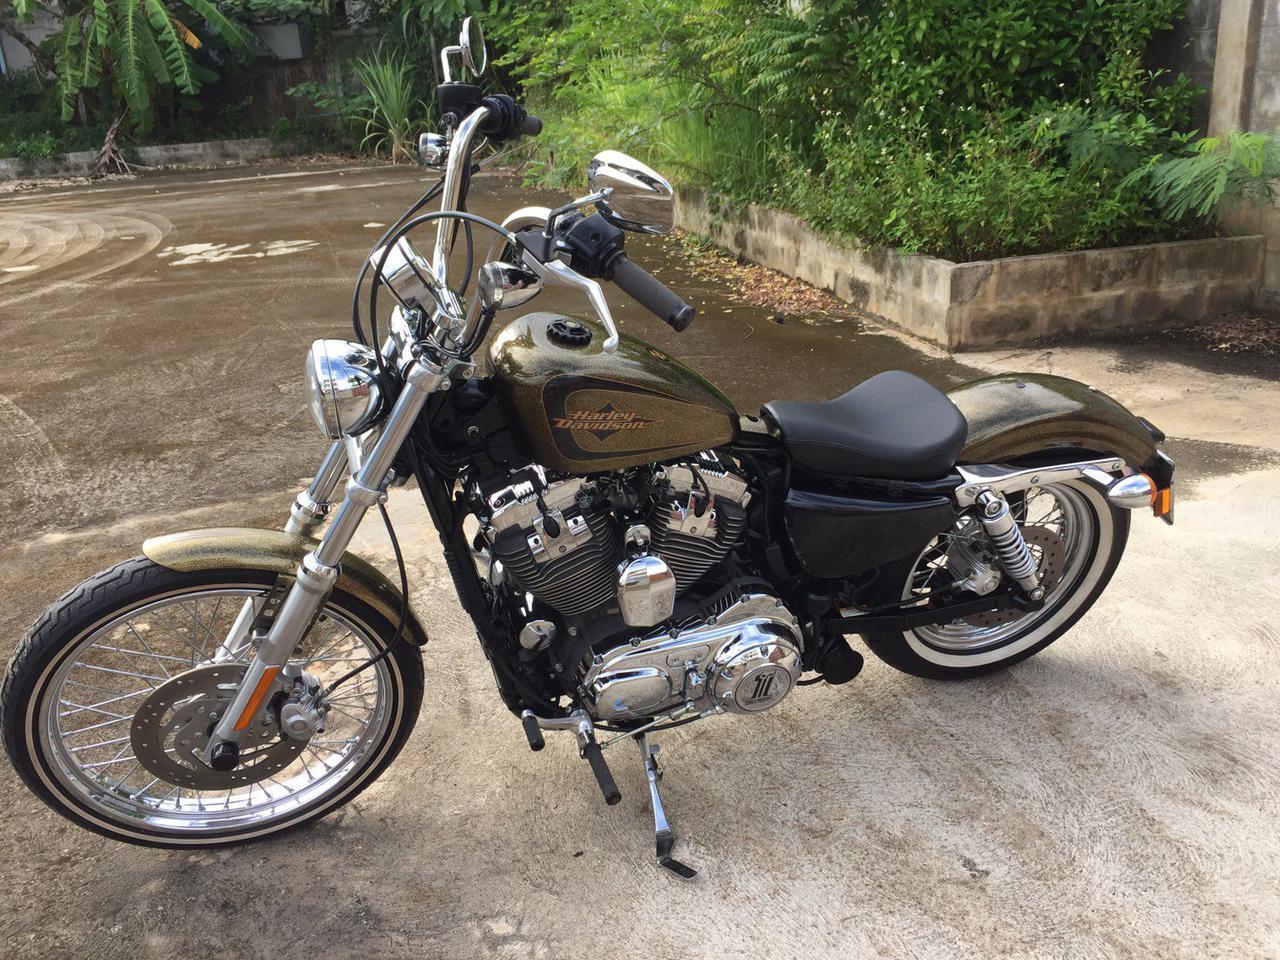 ขายมอเตอร์ไซค์ Harley Davidson seventy-two จังหวัดแพร่ รูปที่ 3